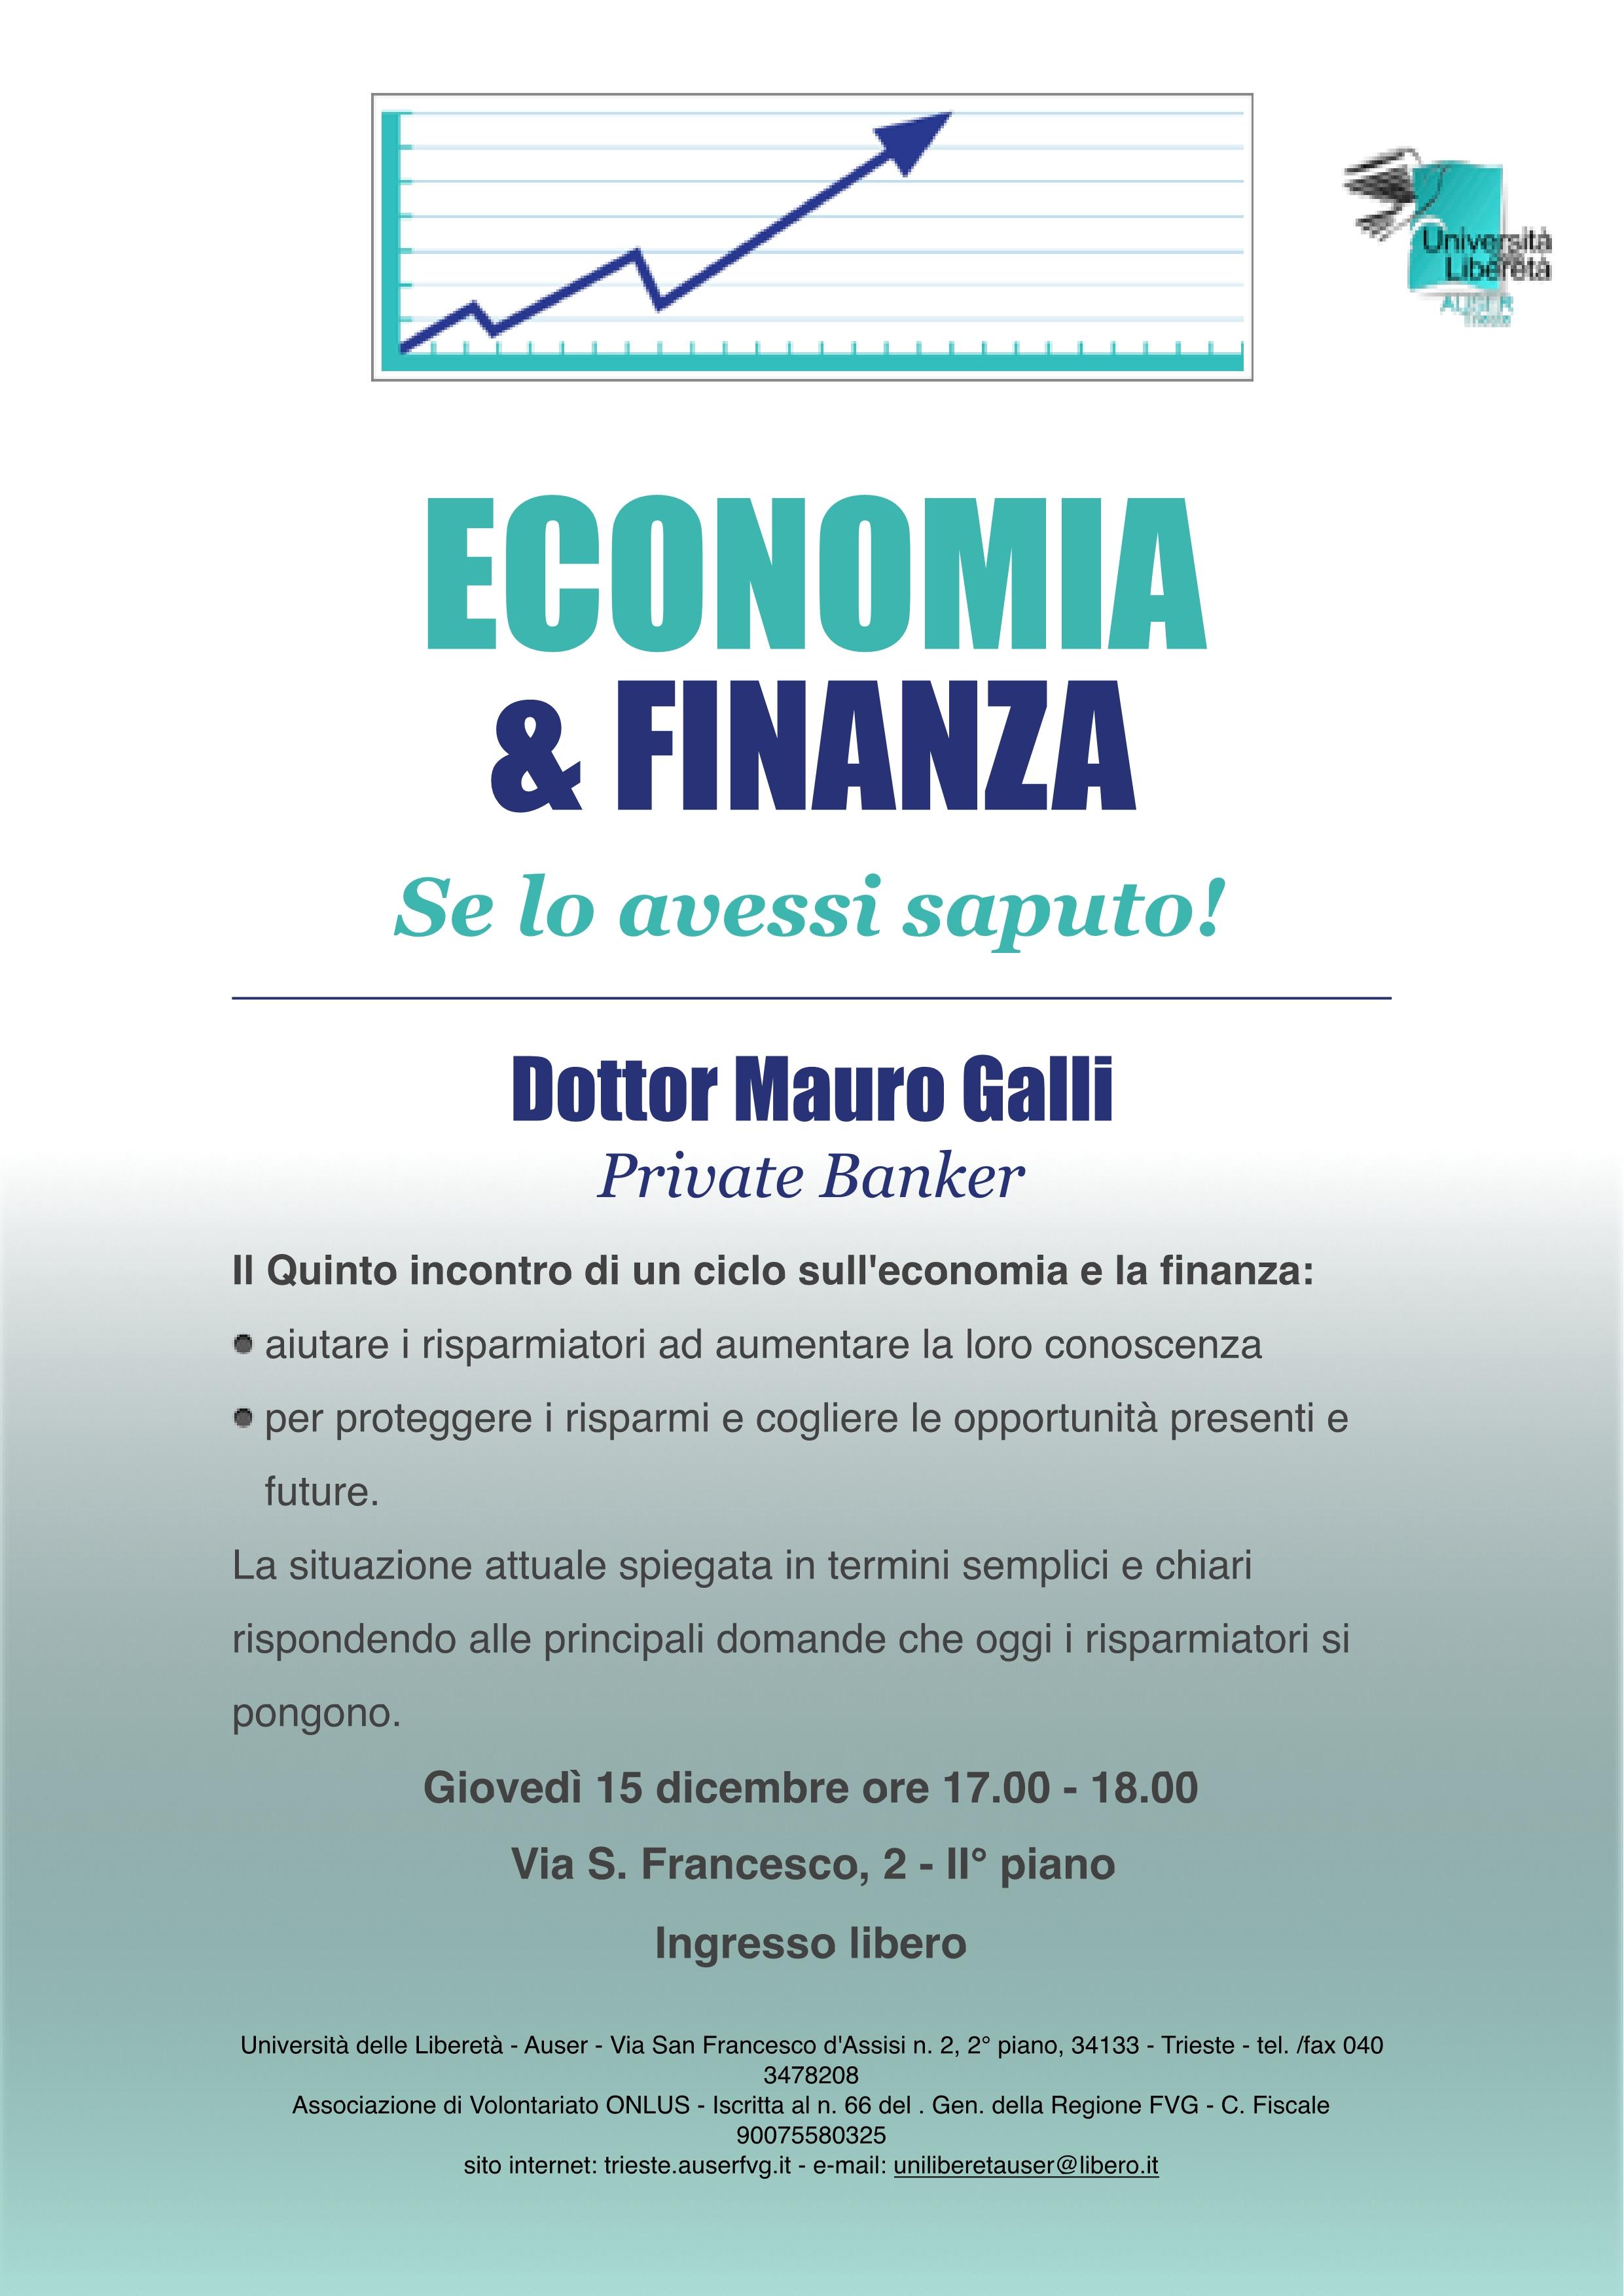 locandina-economia-e-finanza-15-dicembre-2016